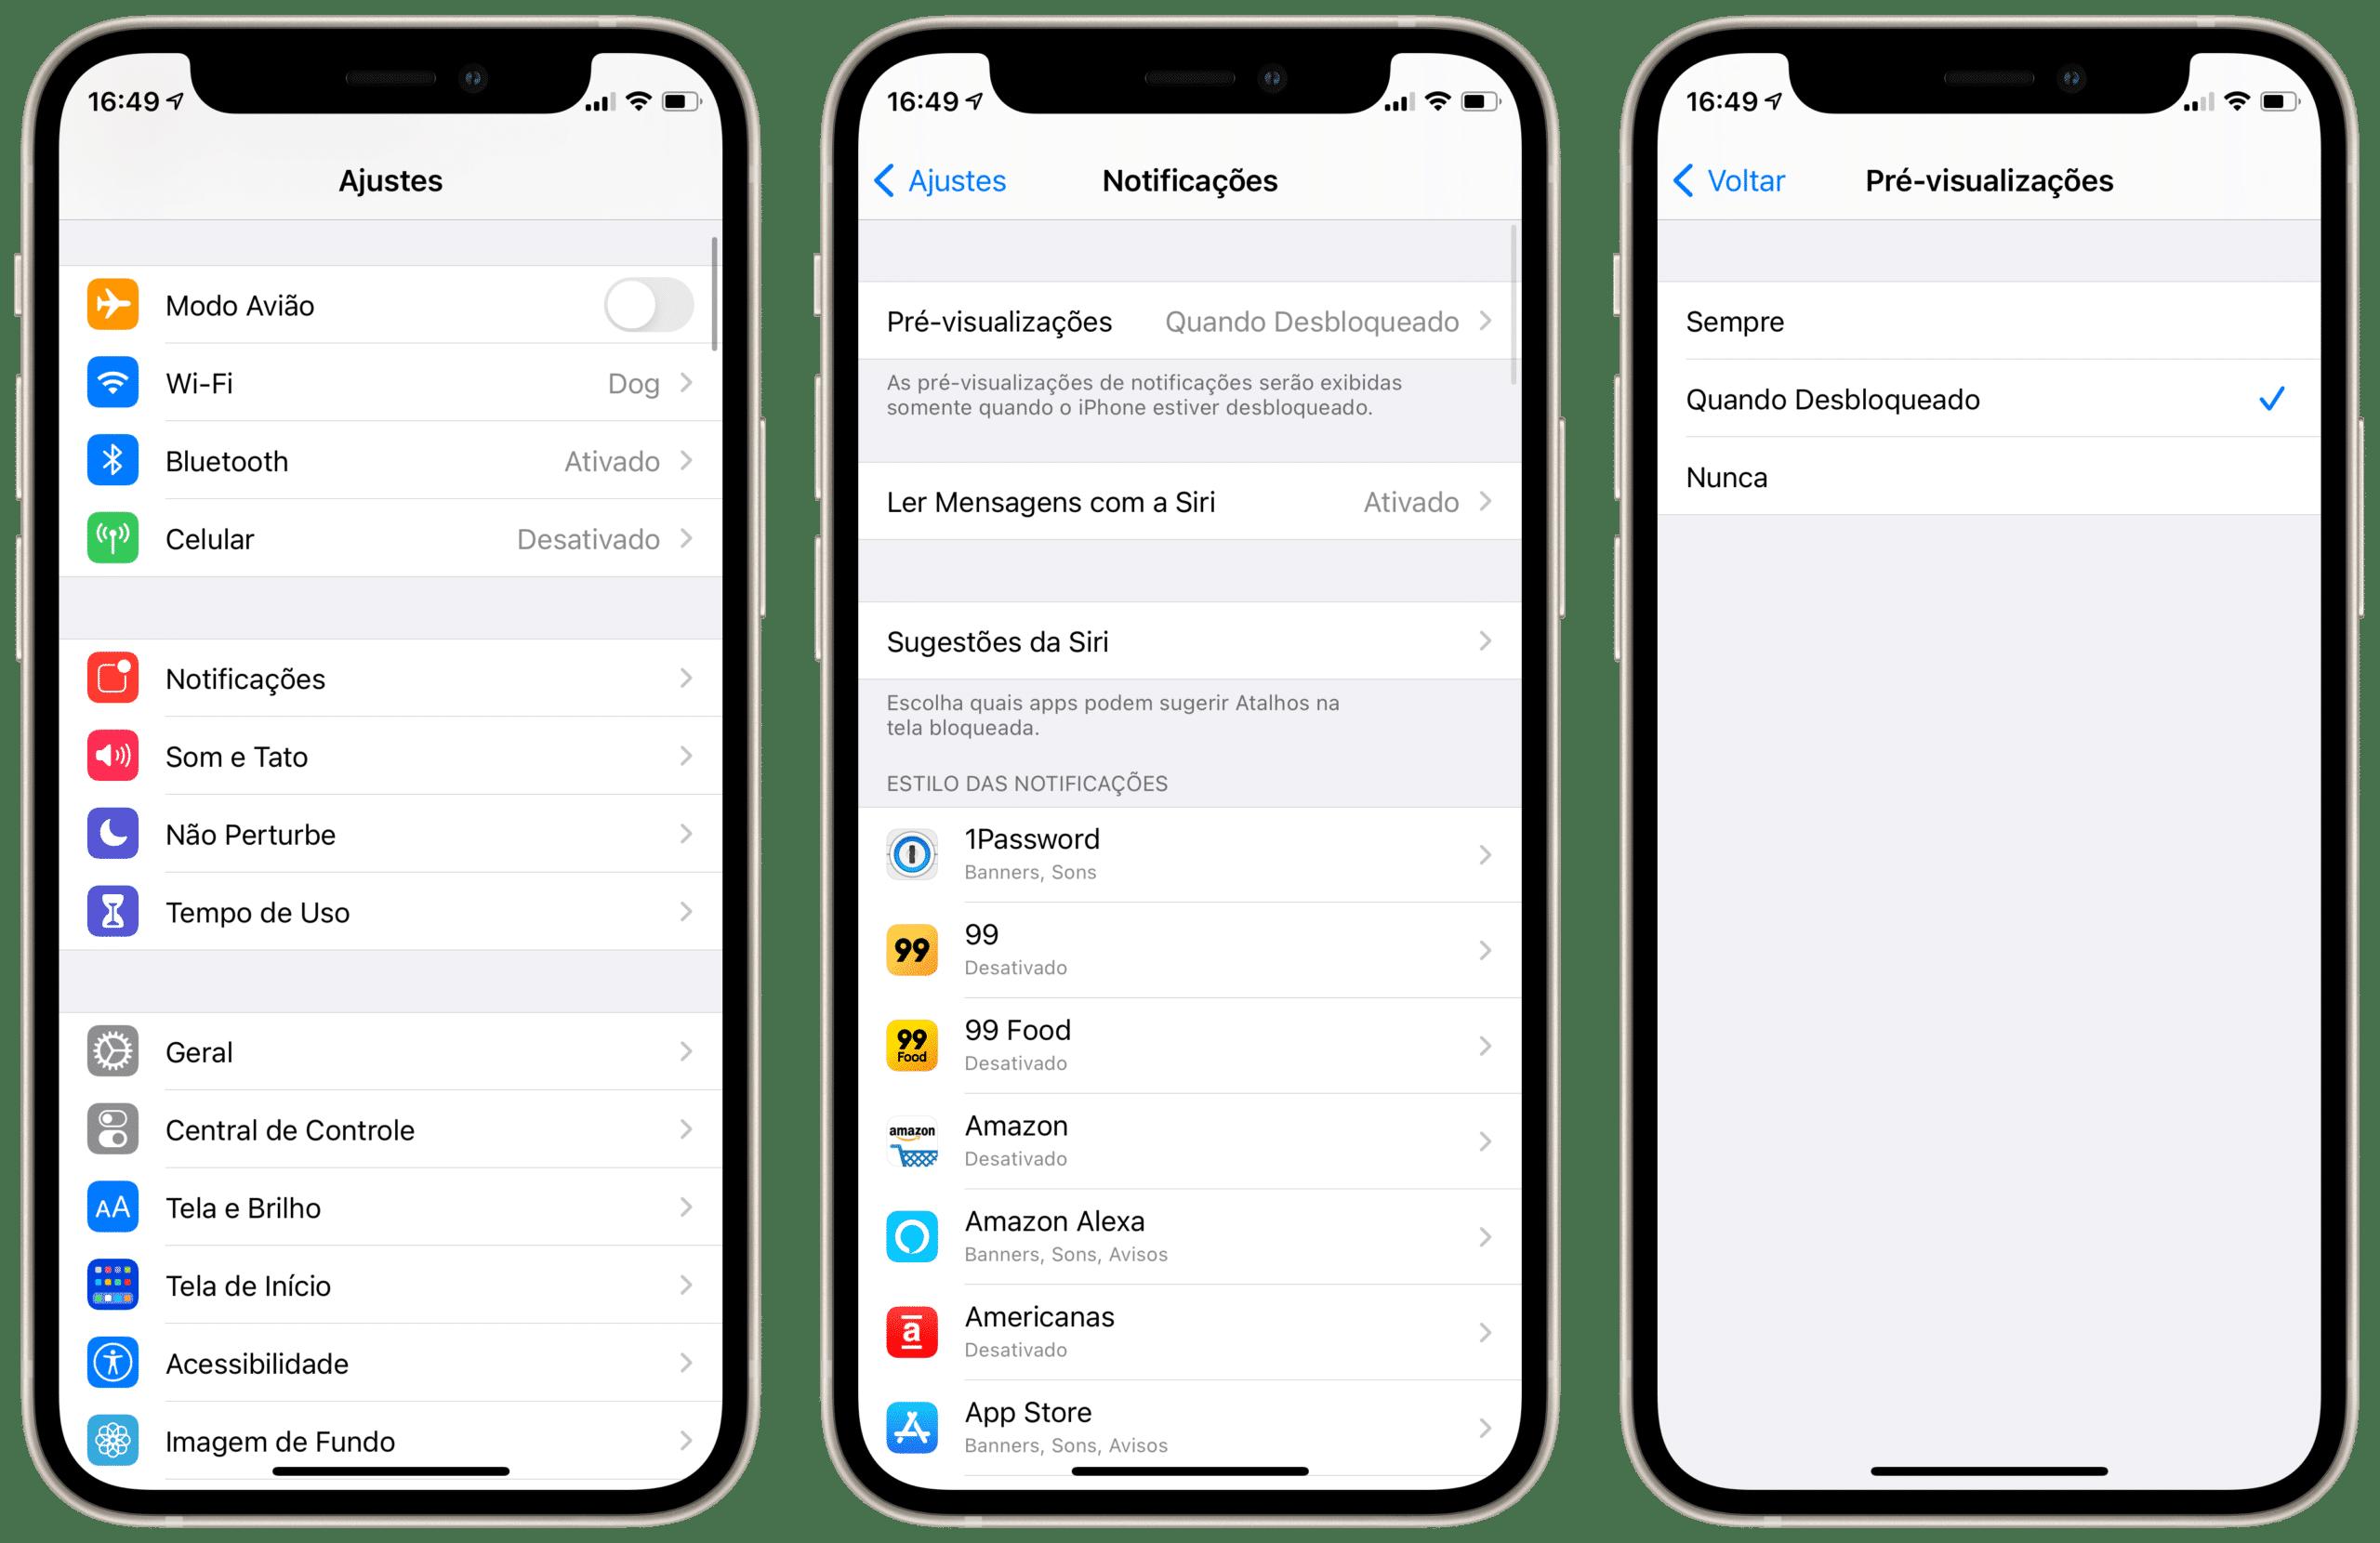 Ajustes de notificações no iPhone